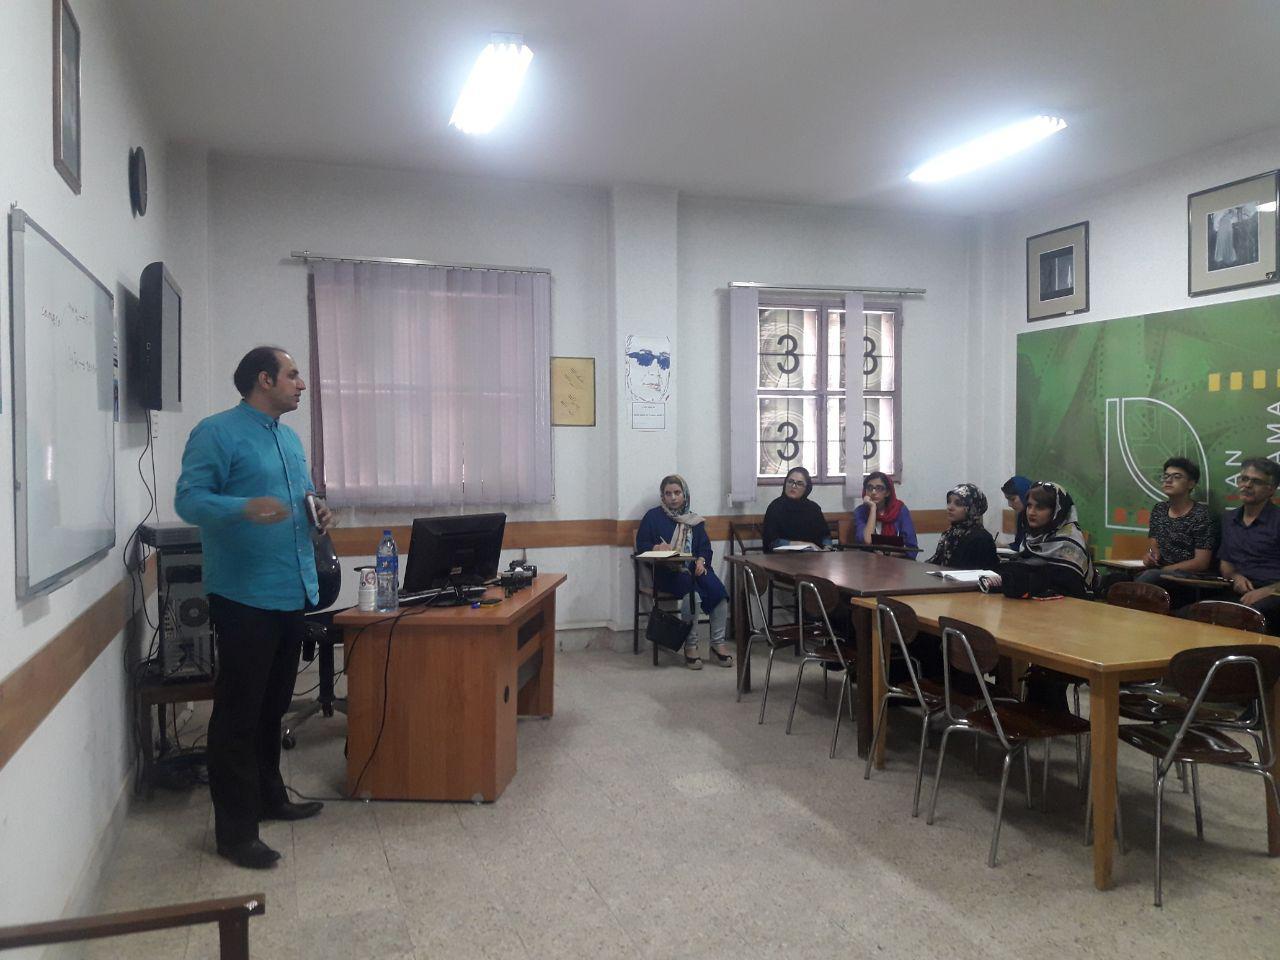 دوره آموزشی عکاسی مقدماتی در زنجان